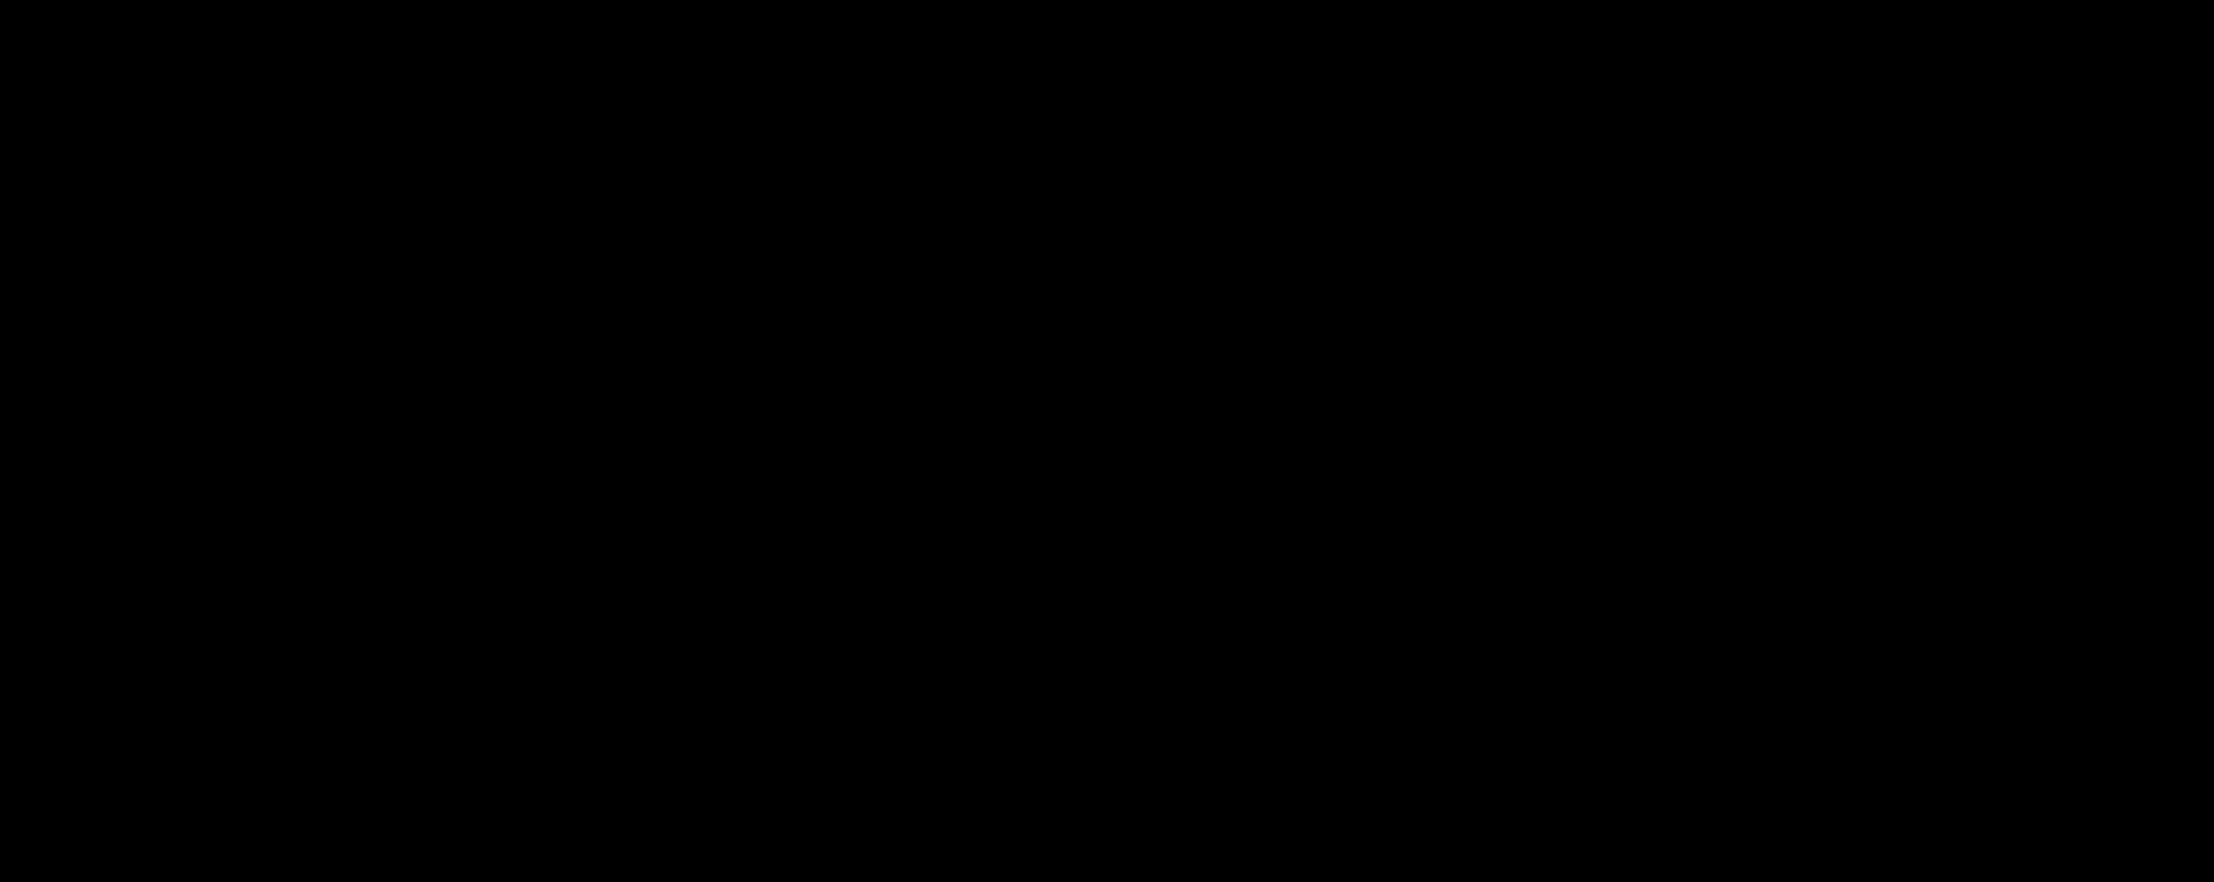 Afbeeldingsresultaat voor Wijs vinger